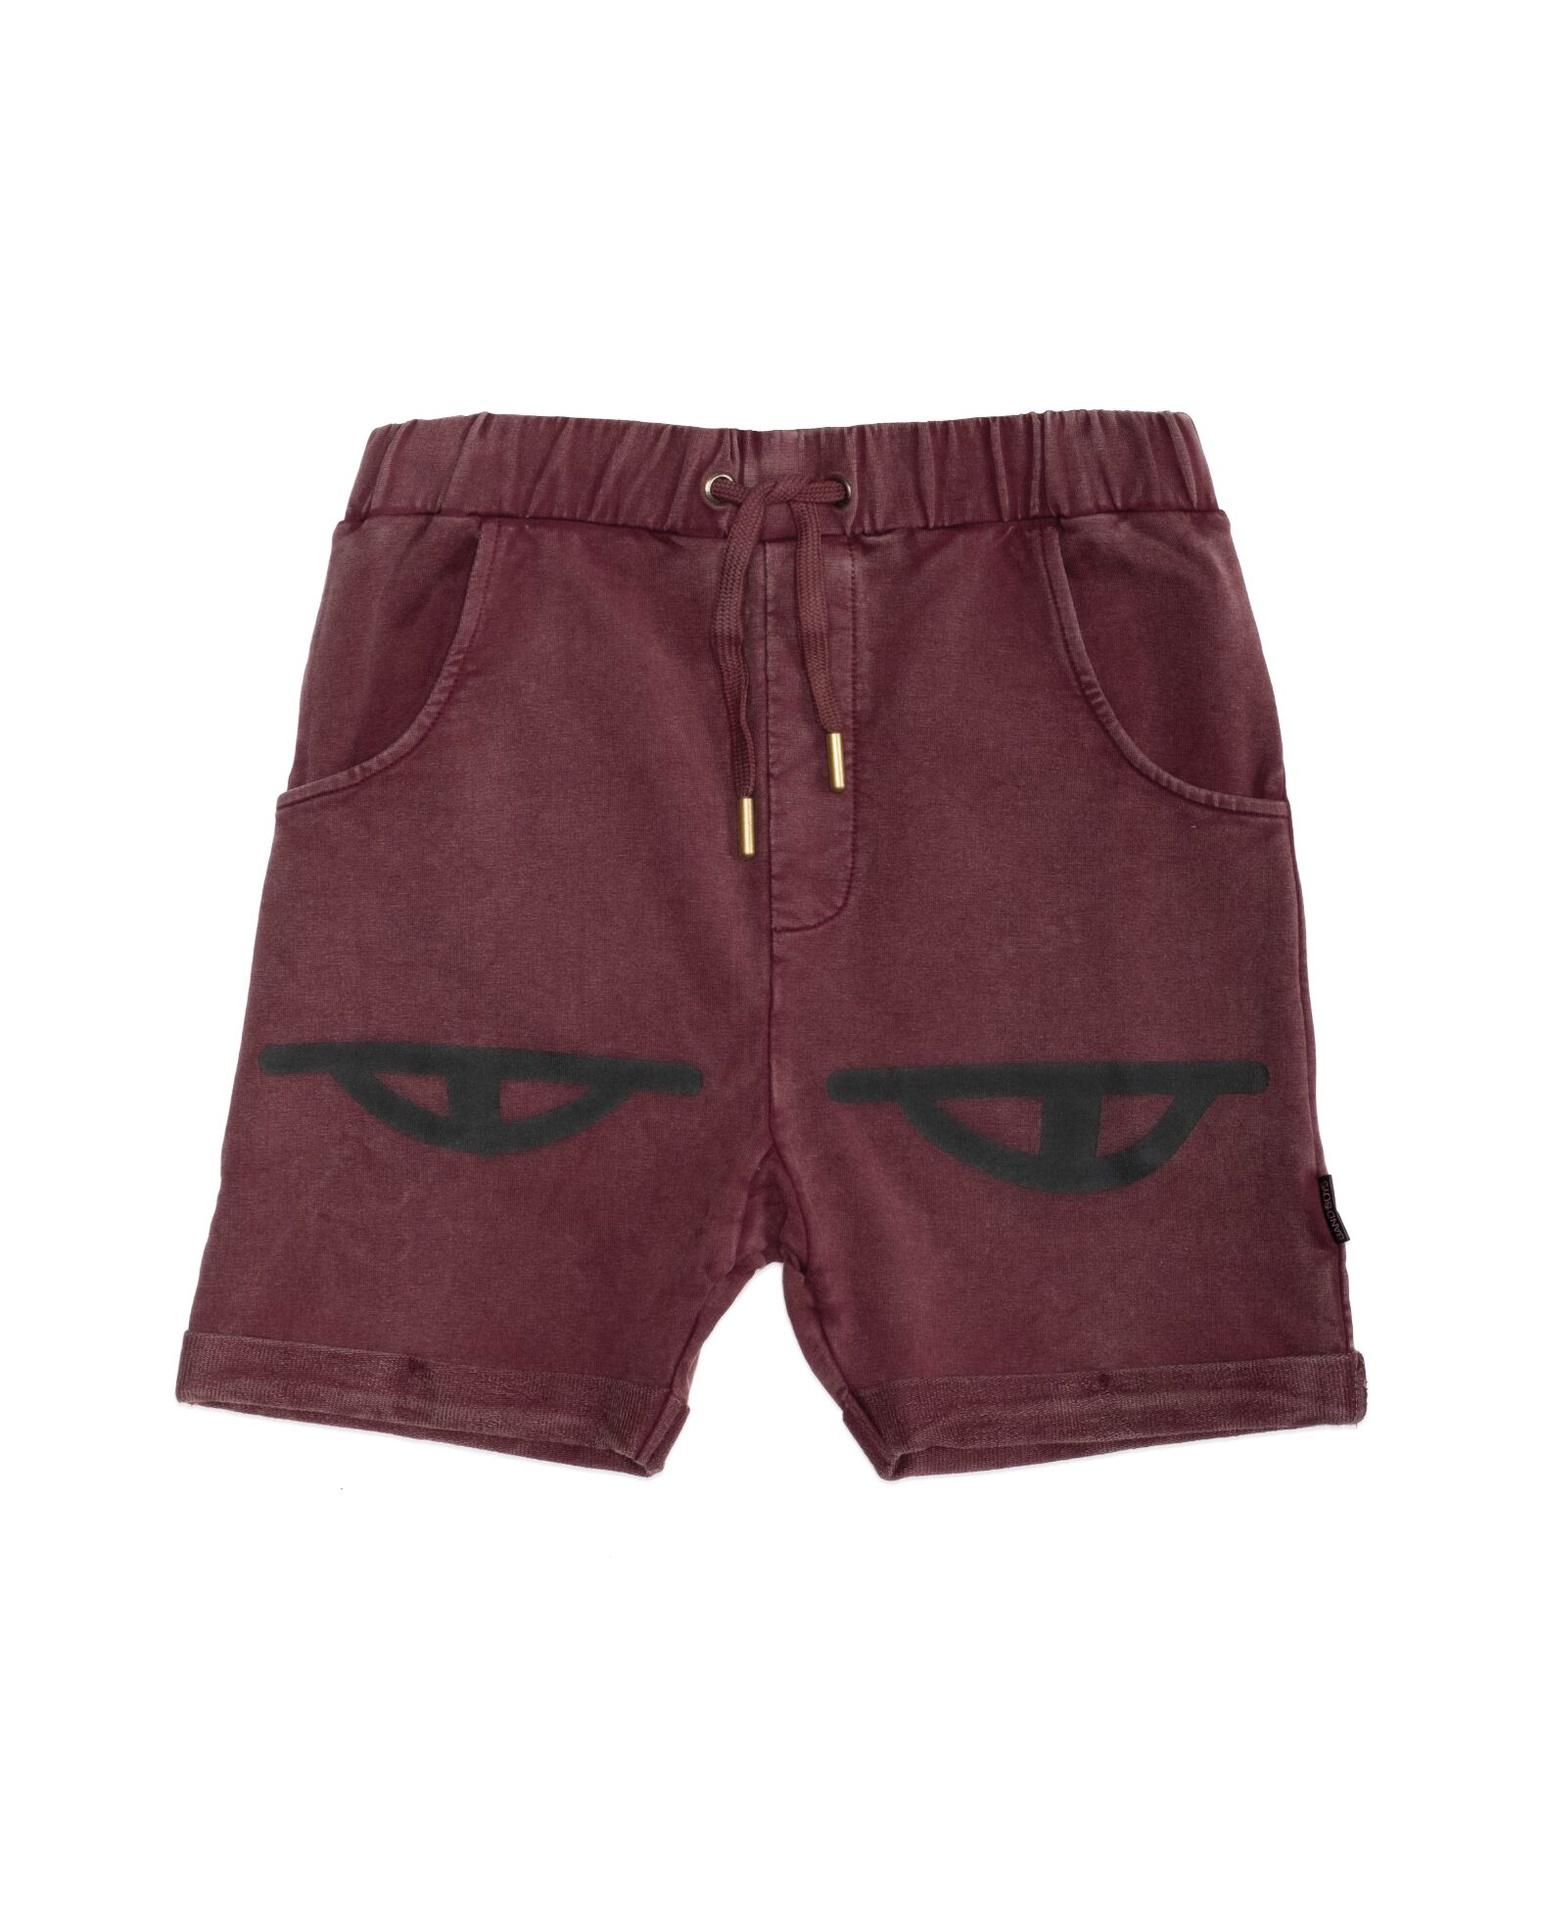 BOB Eyes Vintage Red Shorts